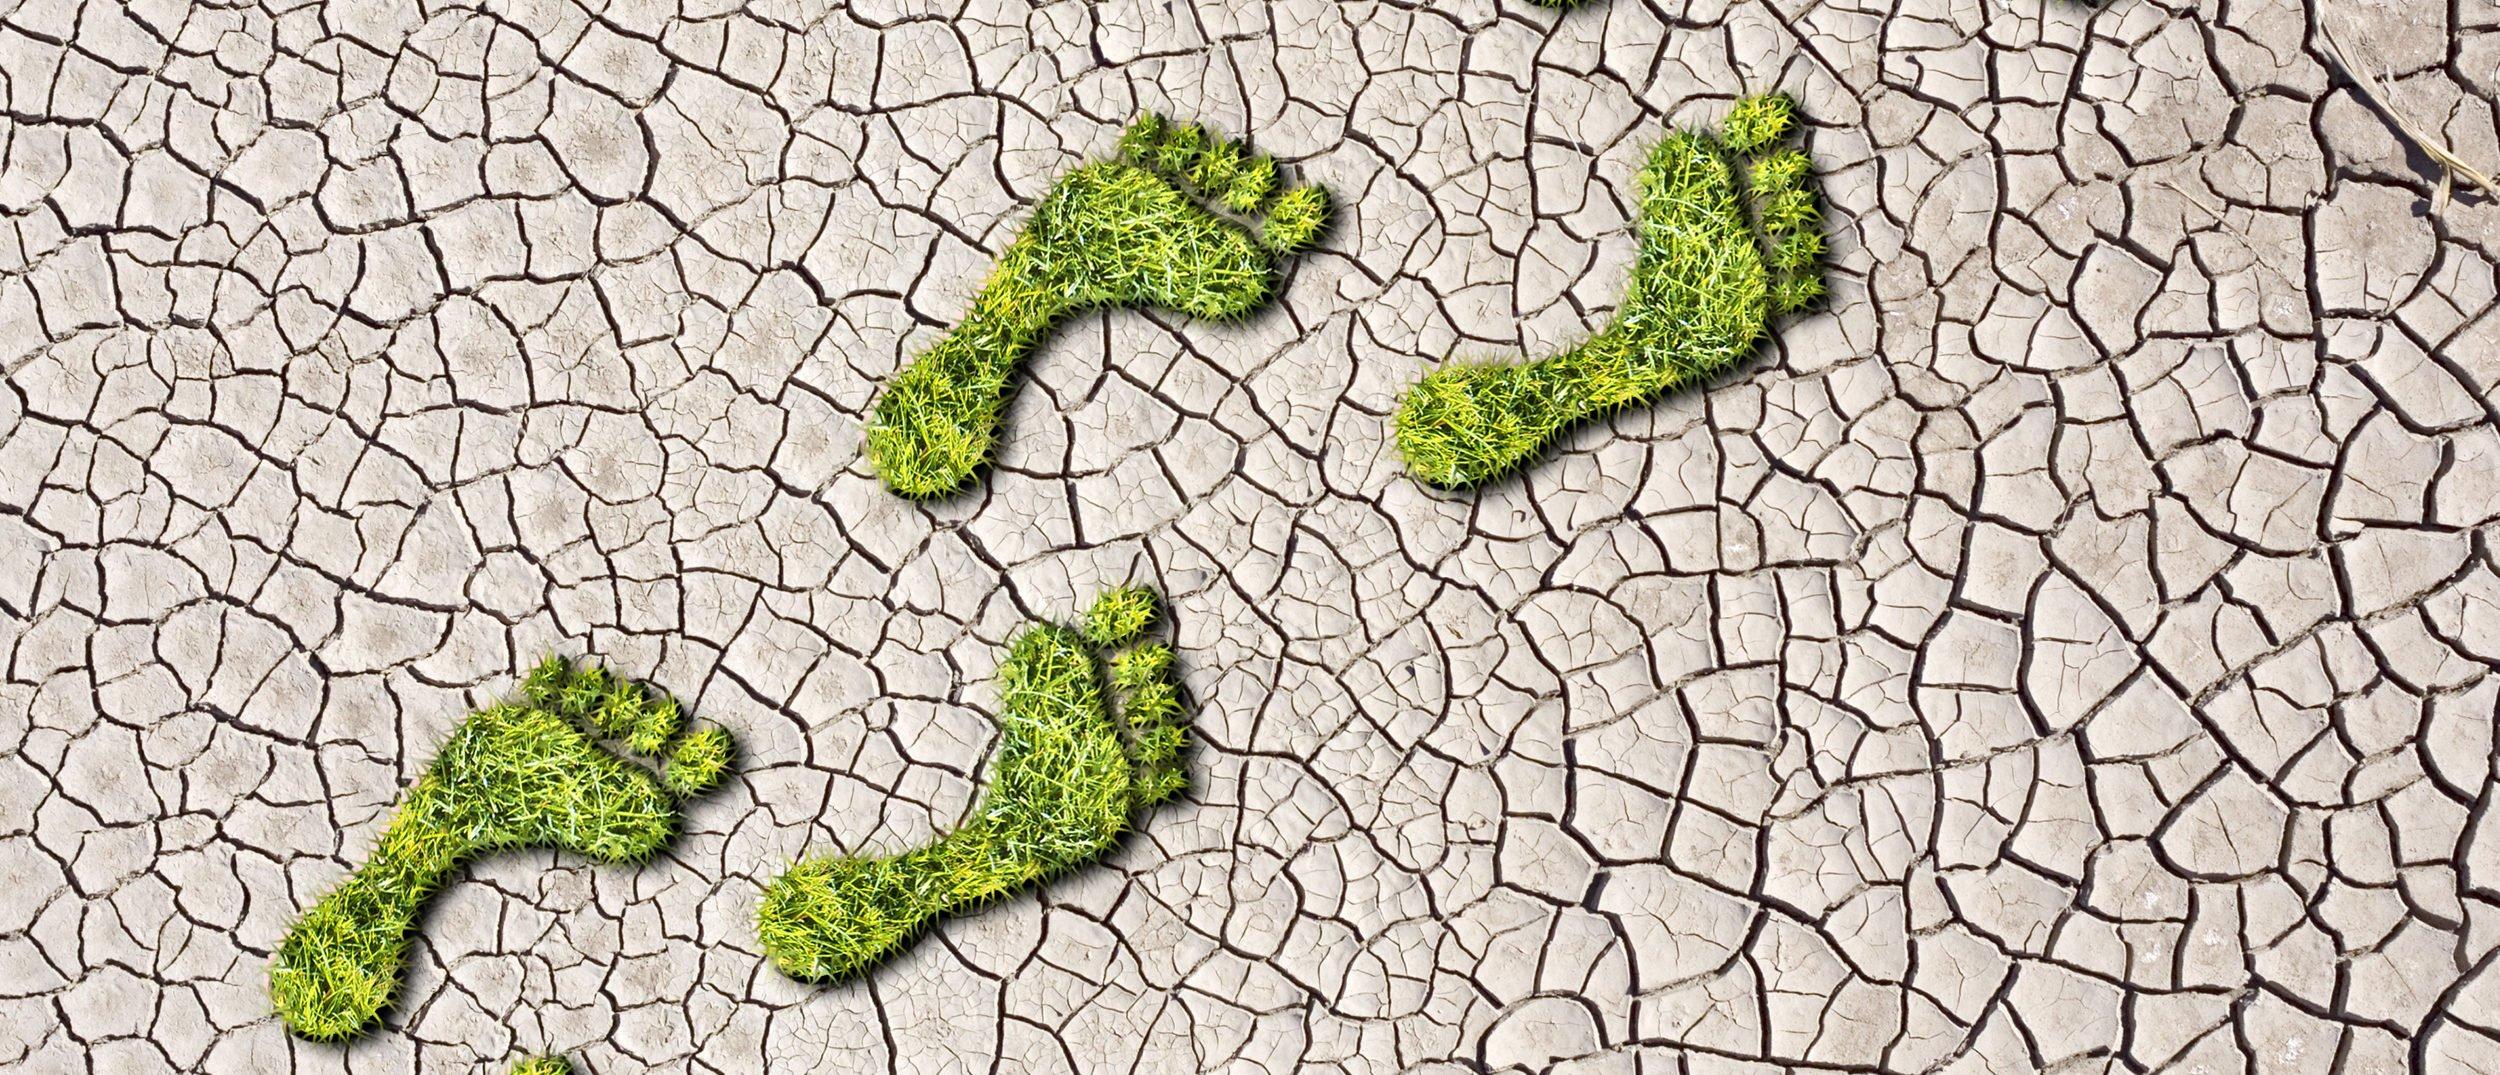 A carbon footprint. Shutterstock